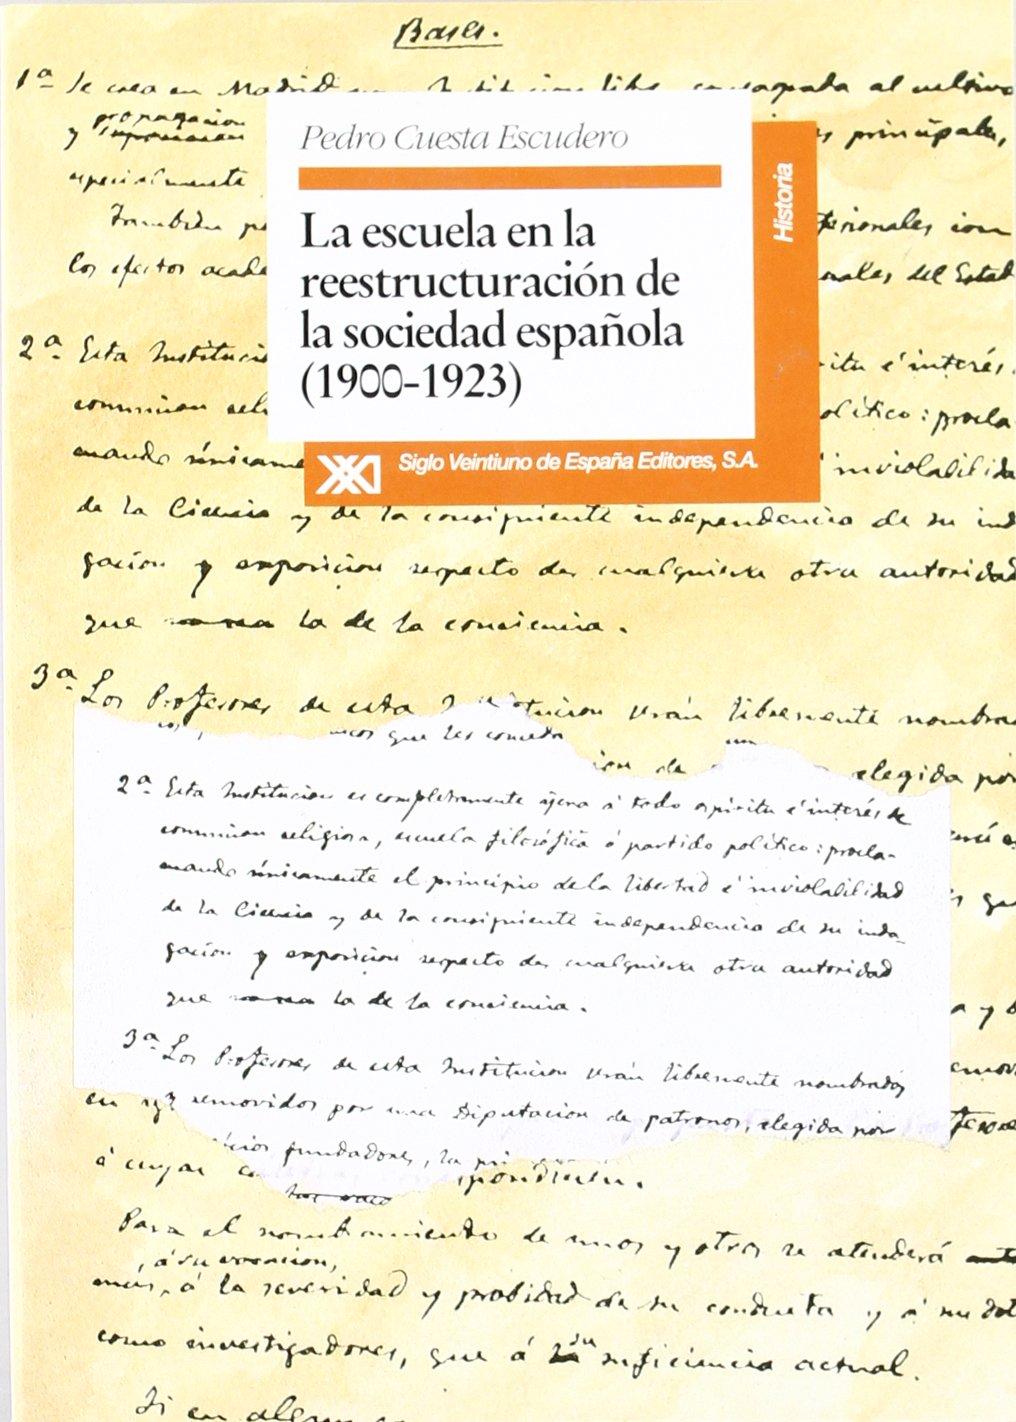 La escuela en la reestructuración de la sociedad española 1900-1923 Historia: Amazon.es: Cuesta Escudero, Pedro, Arjona, Pedro: Libros